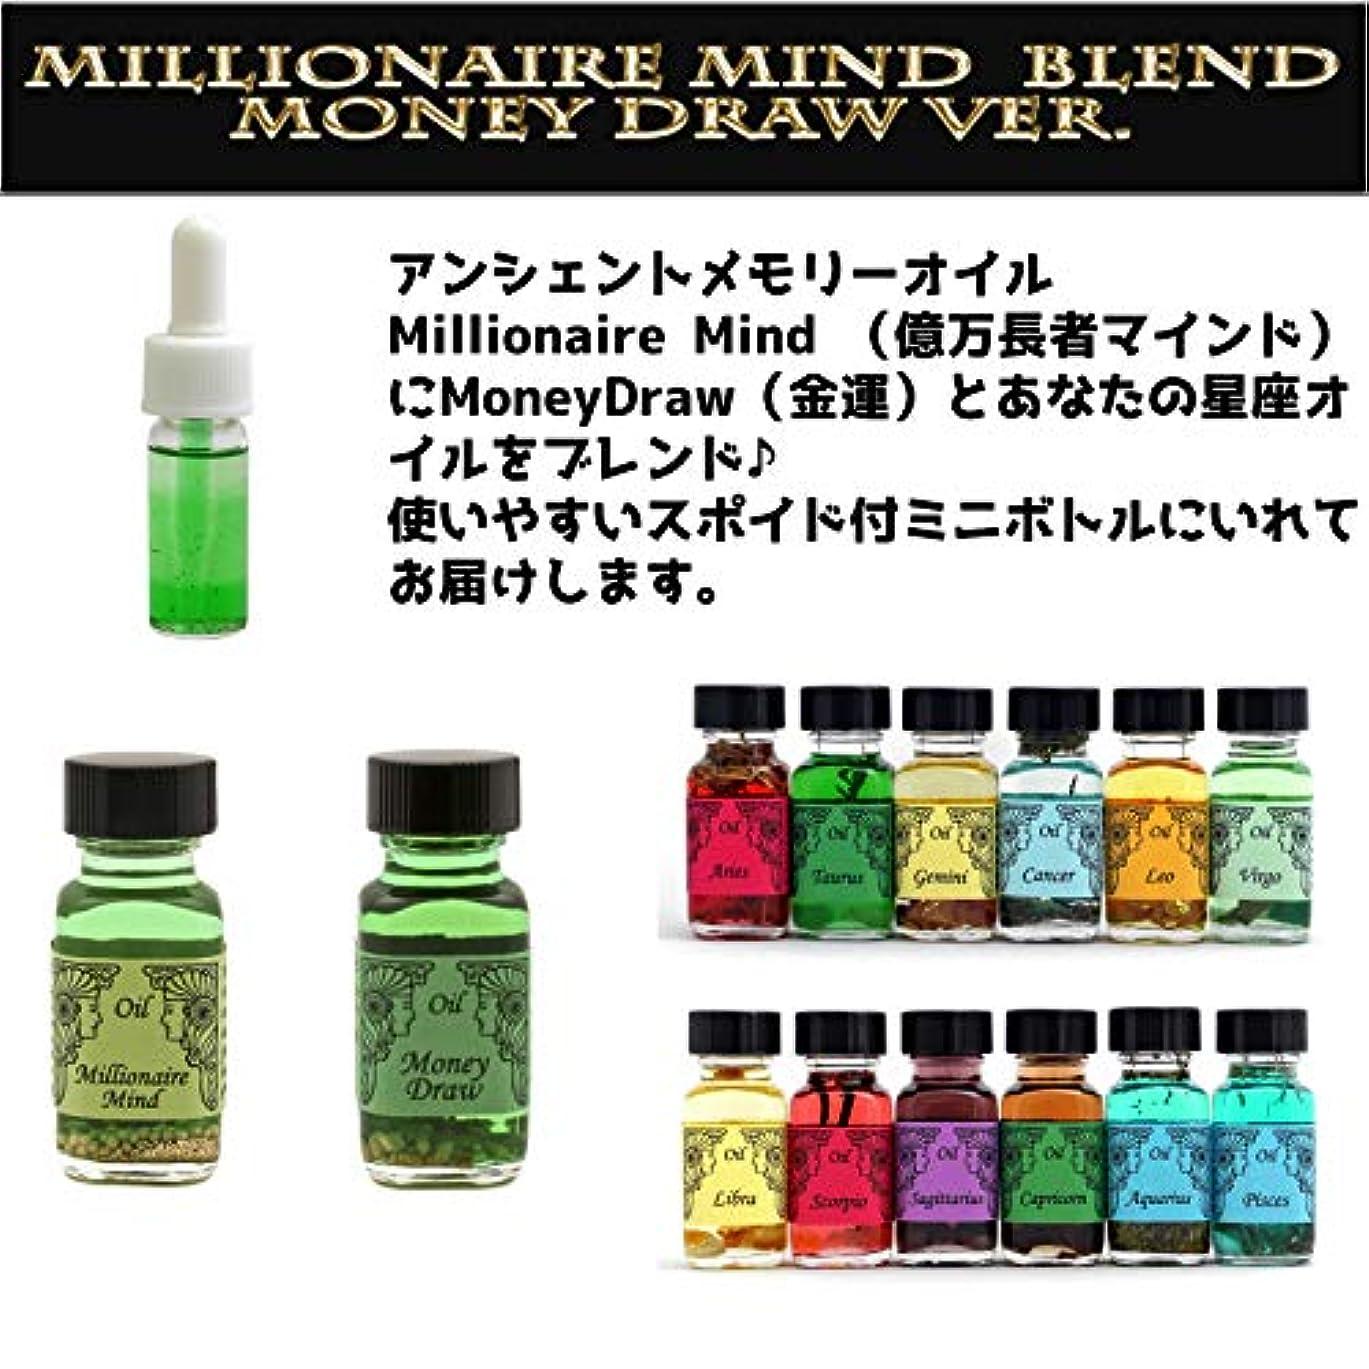 欠乏吸収常にアンシェントメモリーオイル Millionaire Mind 億万長者マインド ブレンド(Money Drawマネードロー(金運)&おひつじ座